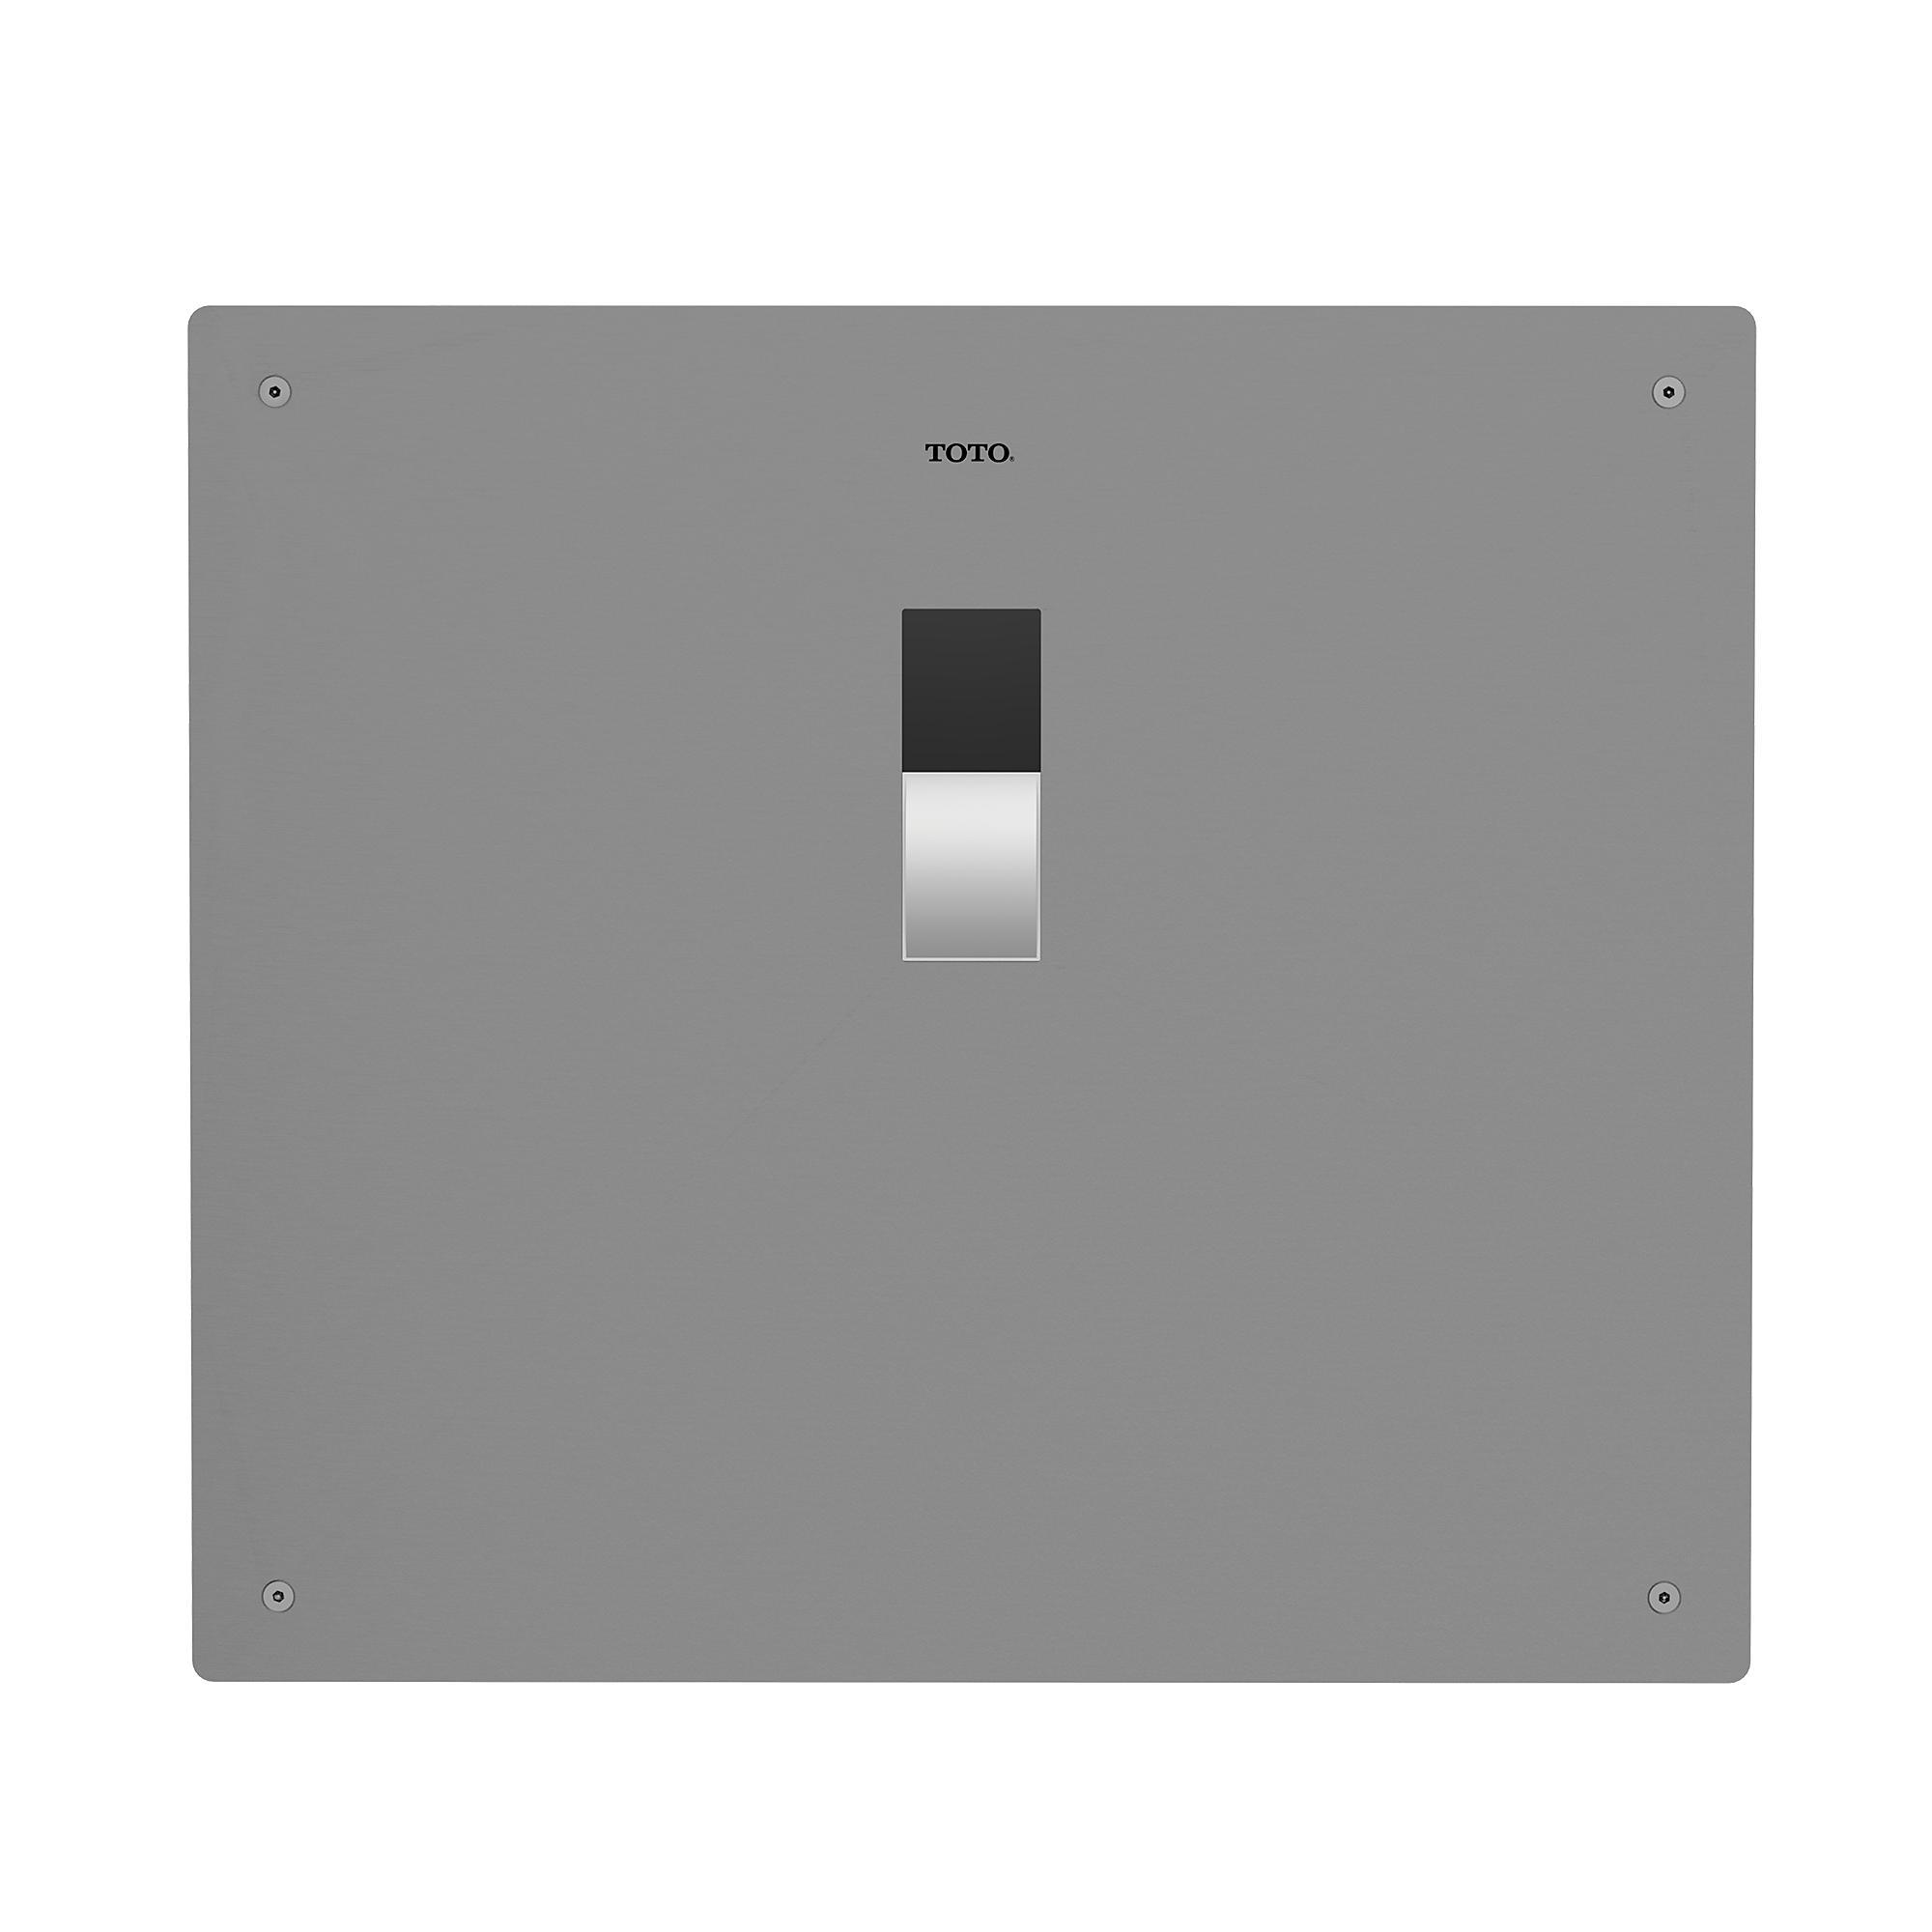 Tet2ga33 ss ecopower  concealed toilet flush valve   1 6 gpf  v b  set   back spud floor  0